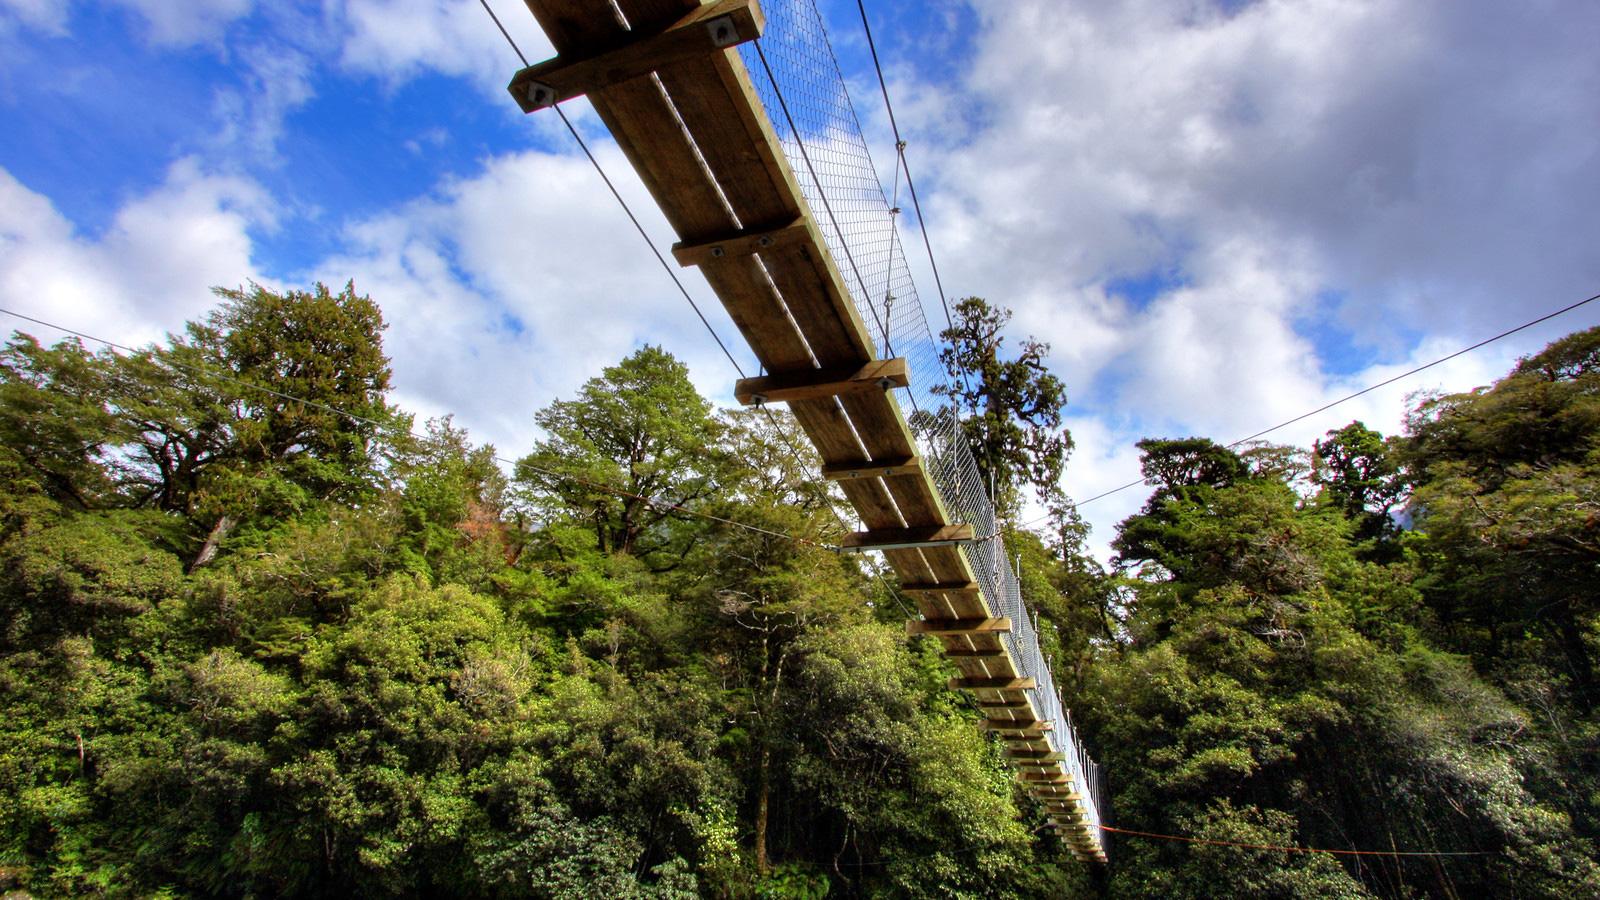 82-foot Suspension Bridge